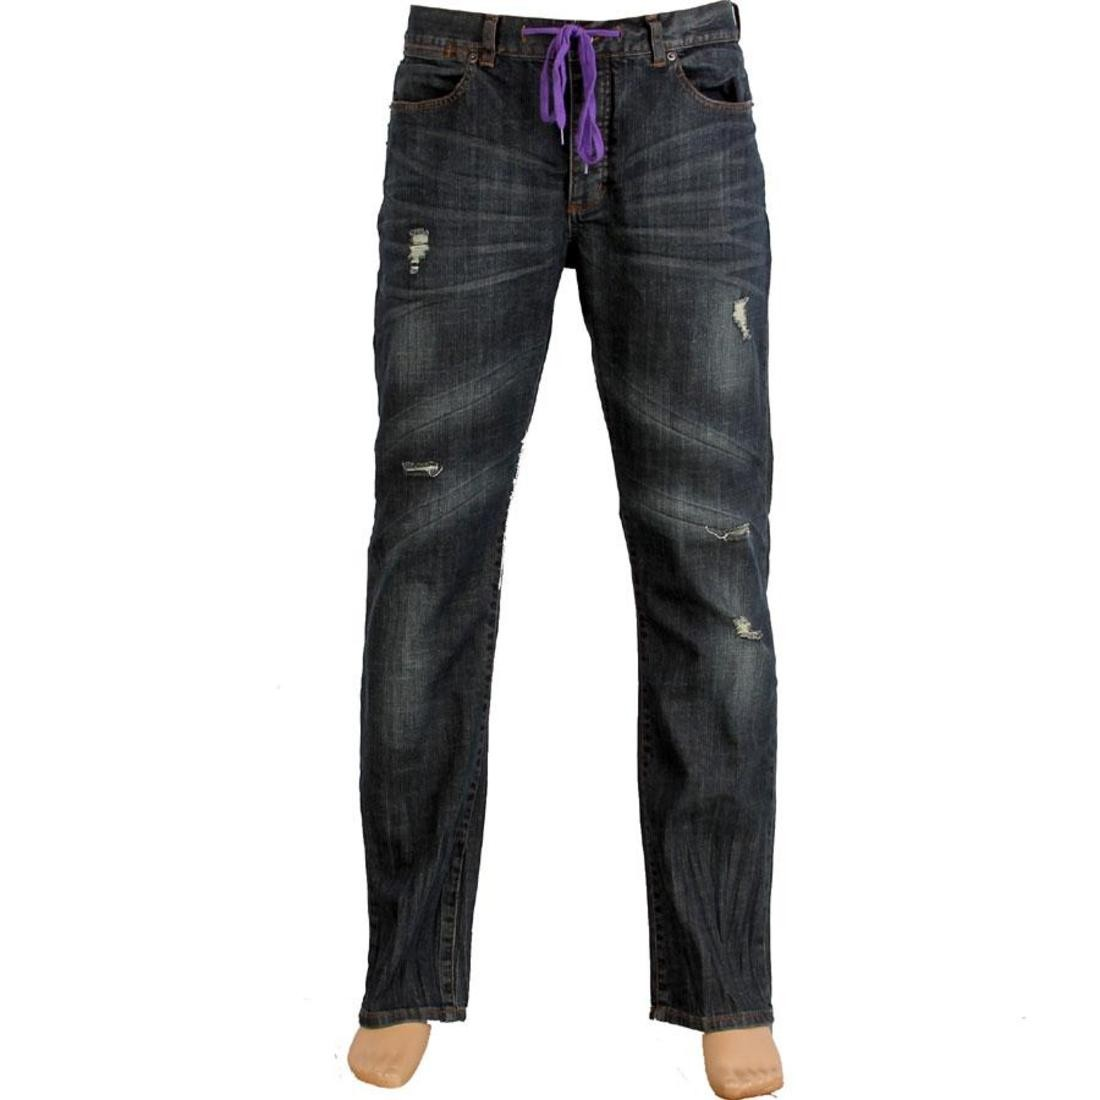 青 ブルー 【 BLUE KR3W KLASSIC TK REZ JEAN 】 メンズファッション ズボン パンツ